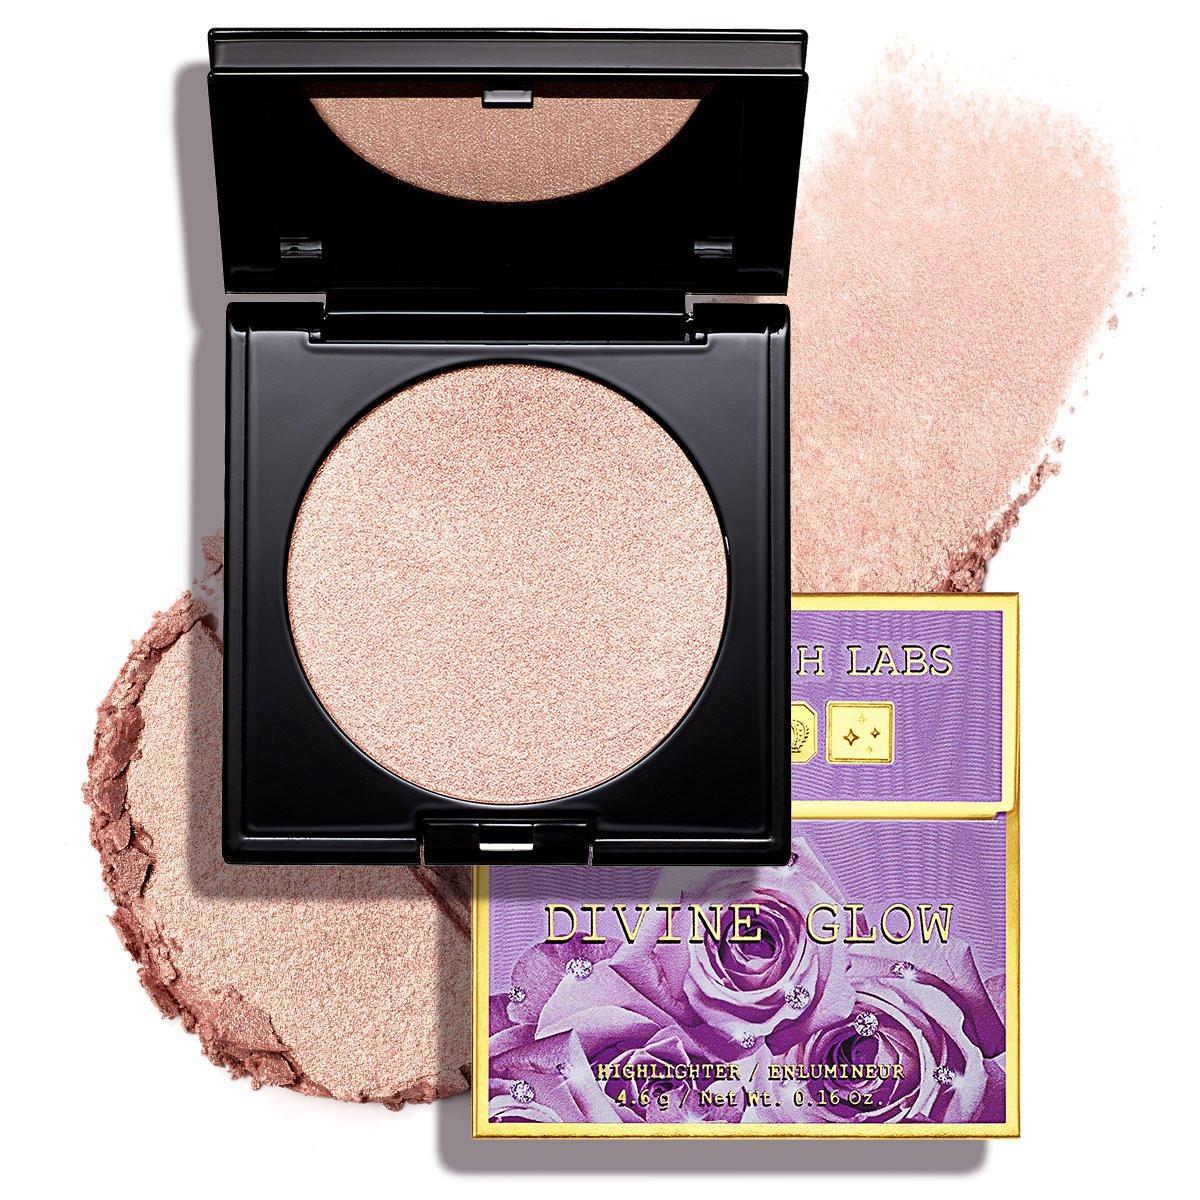 Pat McGrath Divine Blush Collection Skin Fetish Divine Glow Highlighter in Golden Nectar